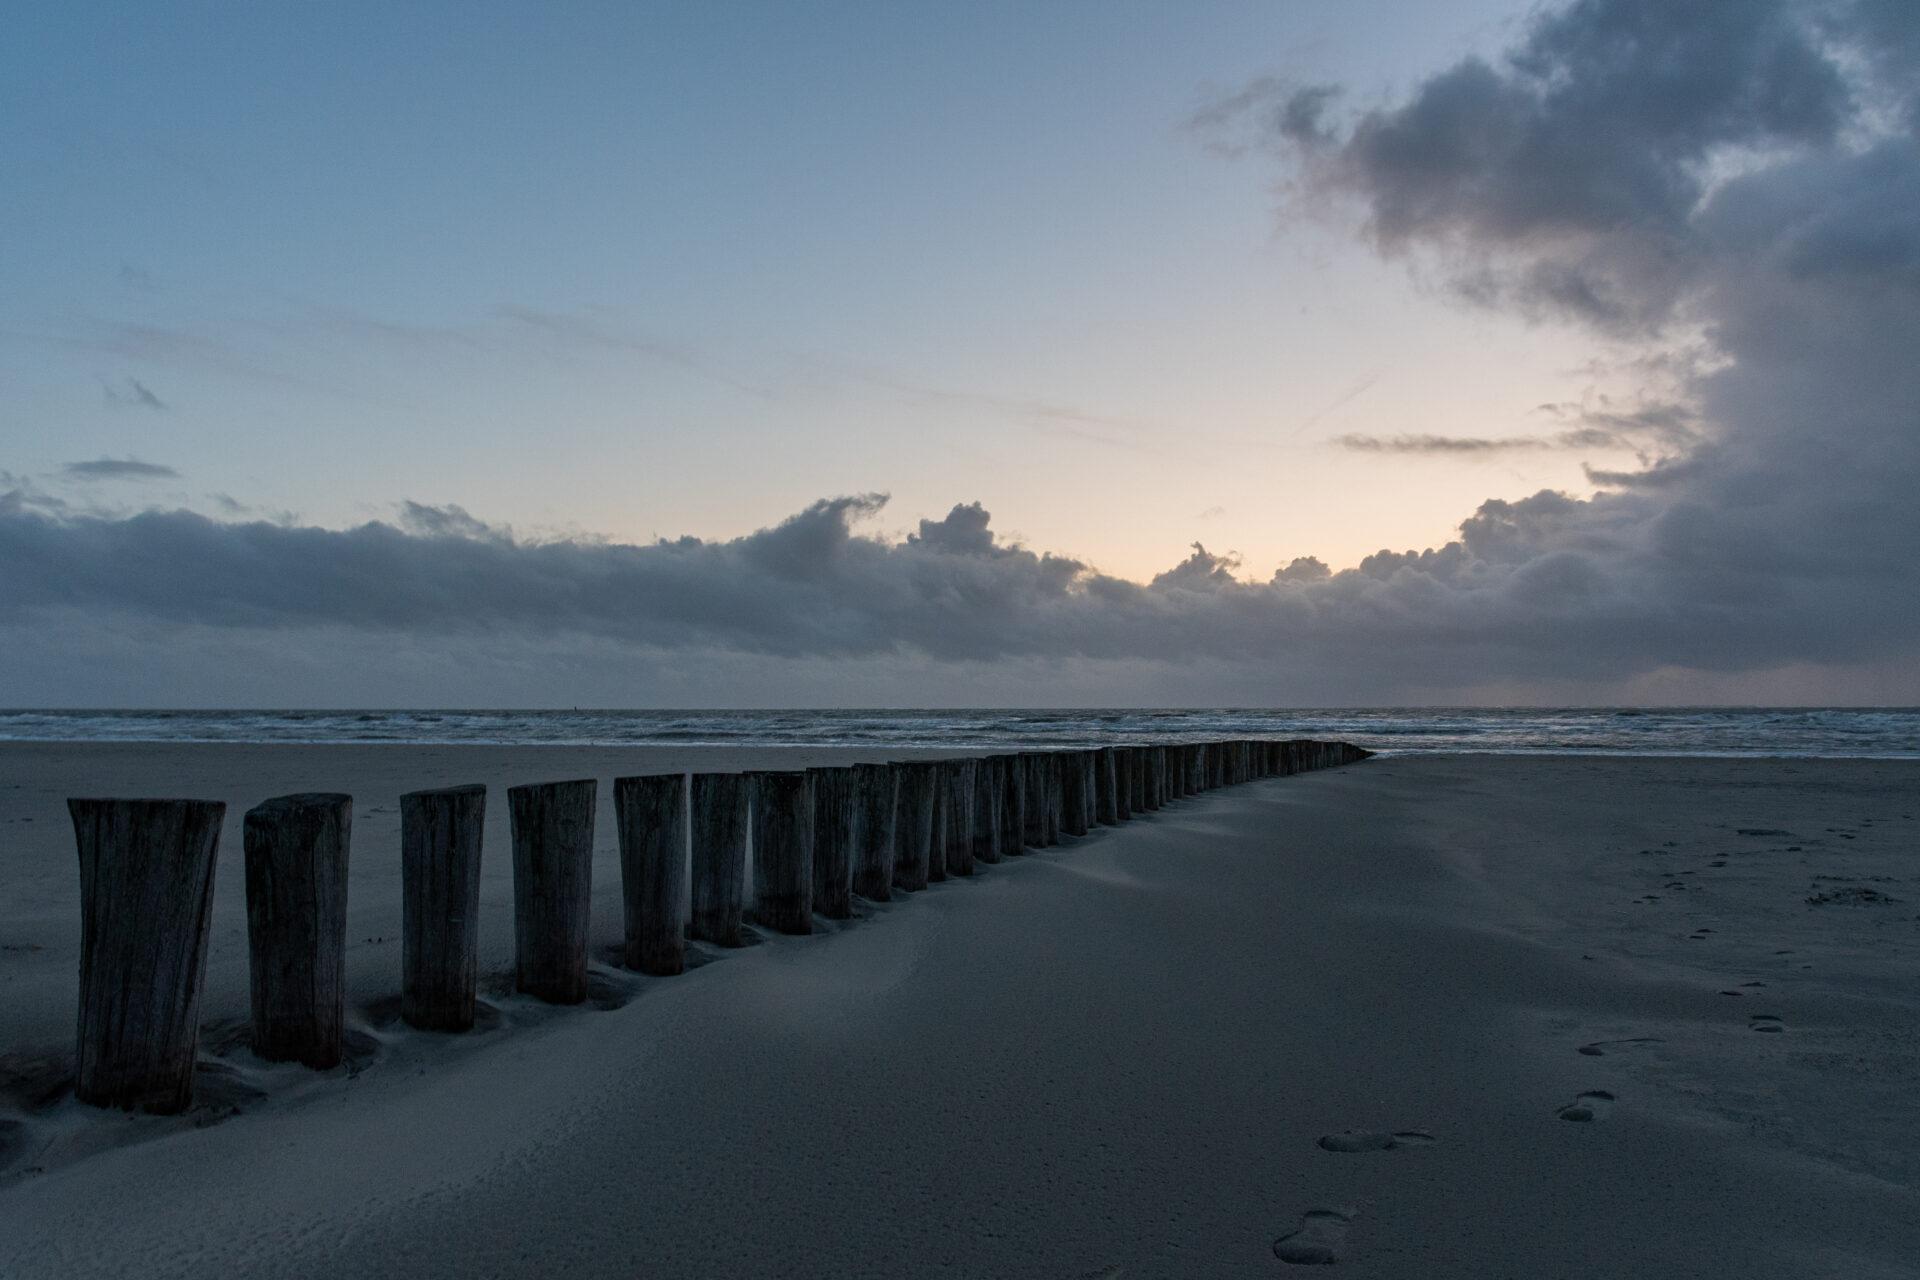 Ameland Strand - Waddeneilanden - Nederland - weekendje weg - reisblog